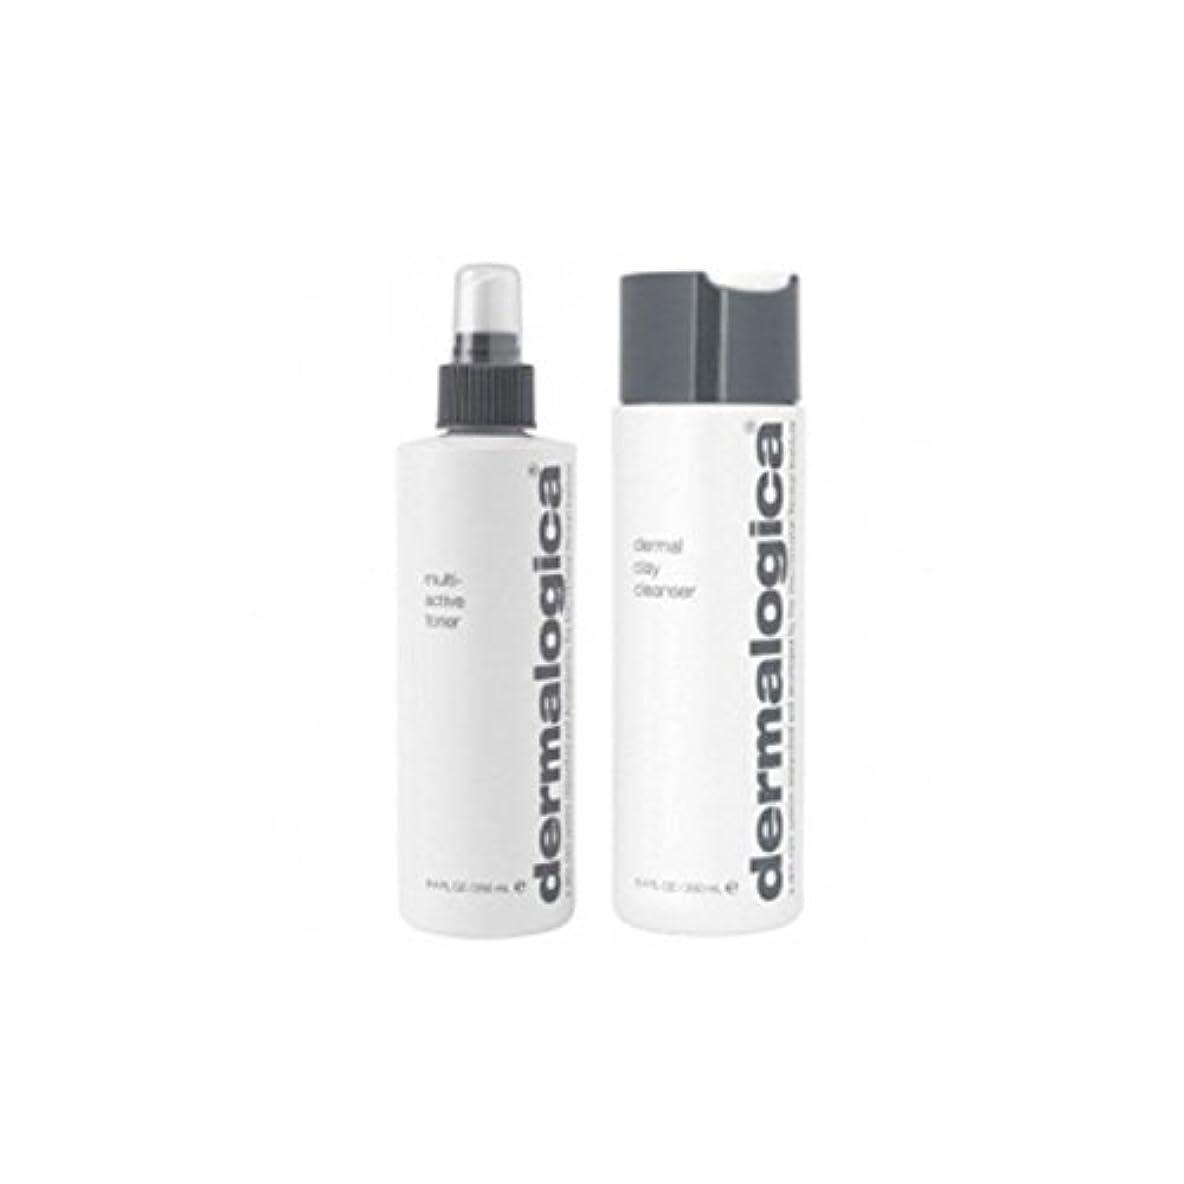 ペネロペ配管工小さいダーマロジカクレンジング&トーンデュオ - 脂性肌(2製品) x4 - Dermalogica Cleanse & Tone Duo - Oily Skin (2 Products) (Pack of 4) [並行輸入品]